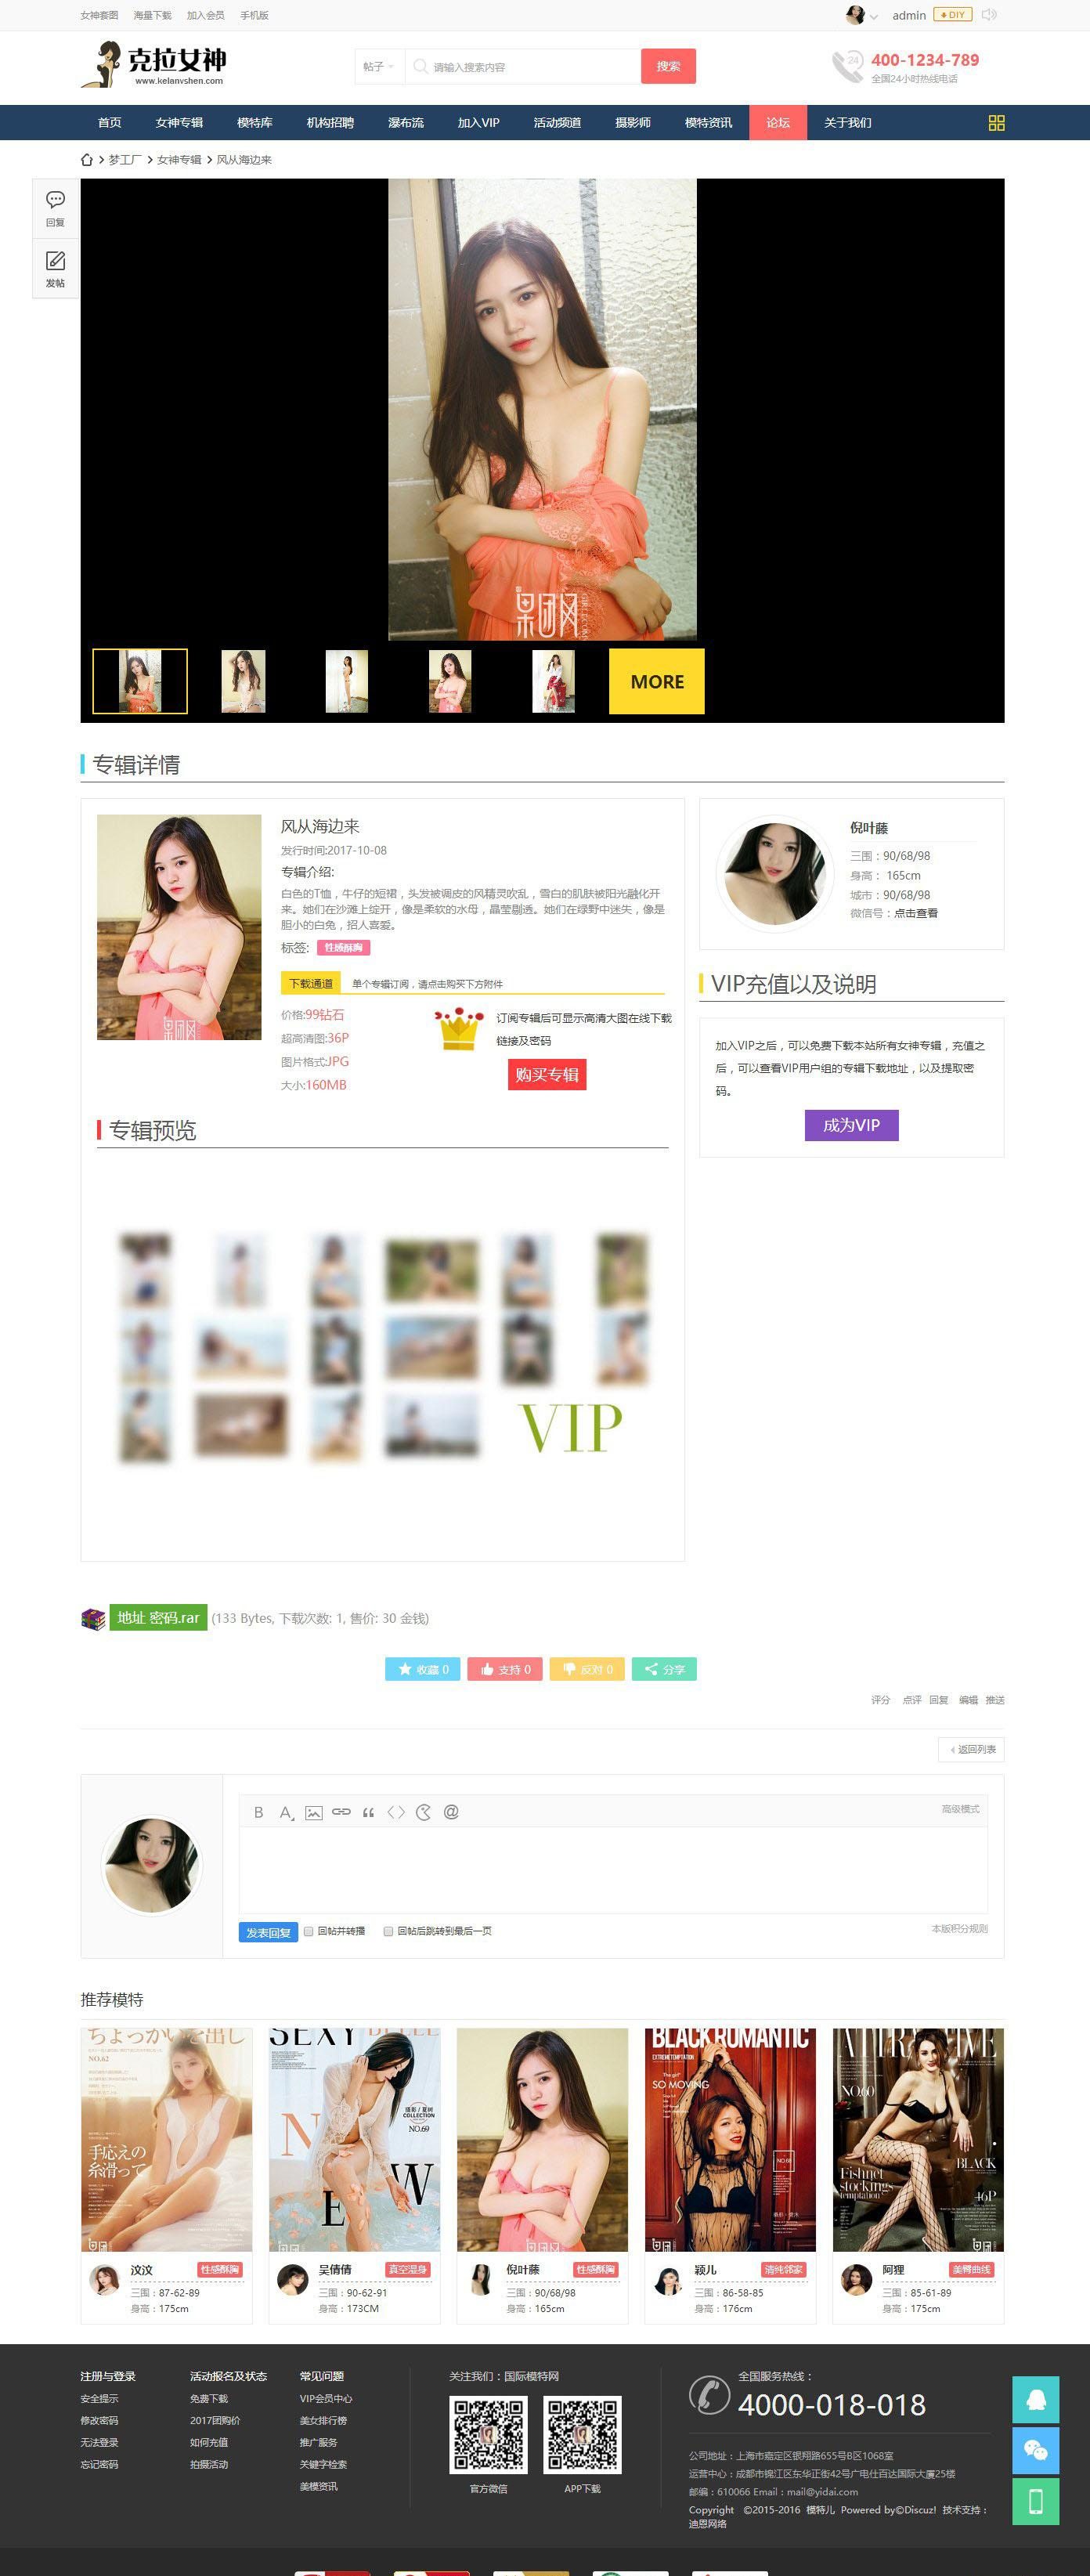 【女神美图库模板】女神模特图片套图下载站模板 GBK+UTF[Discuz内核]